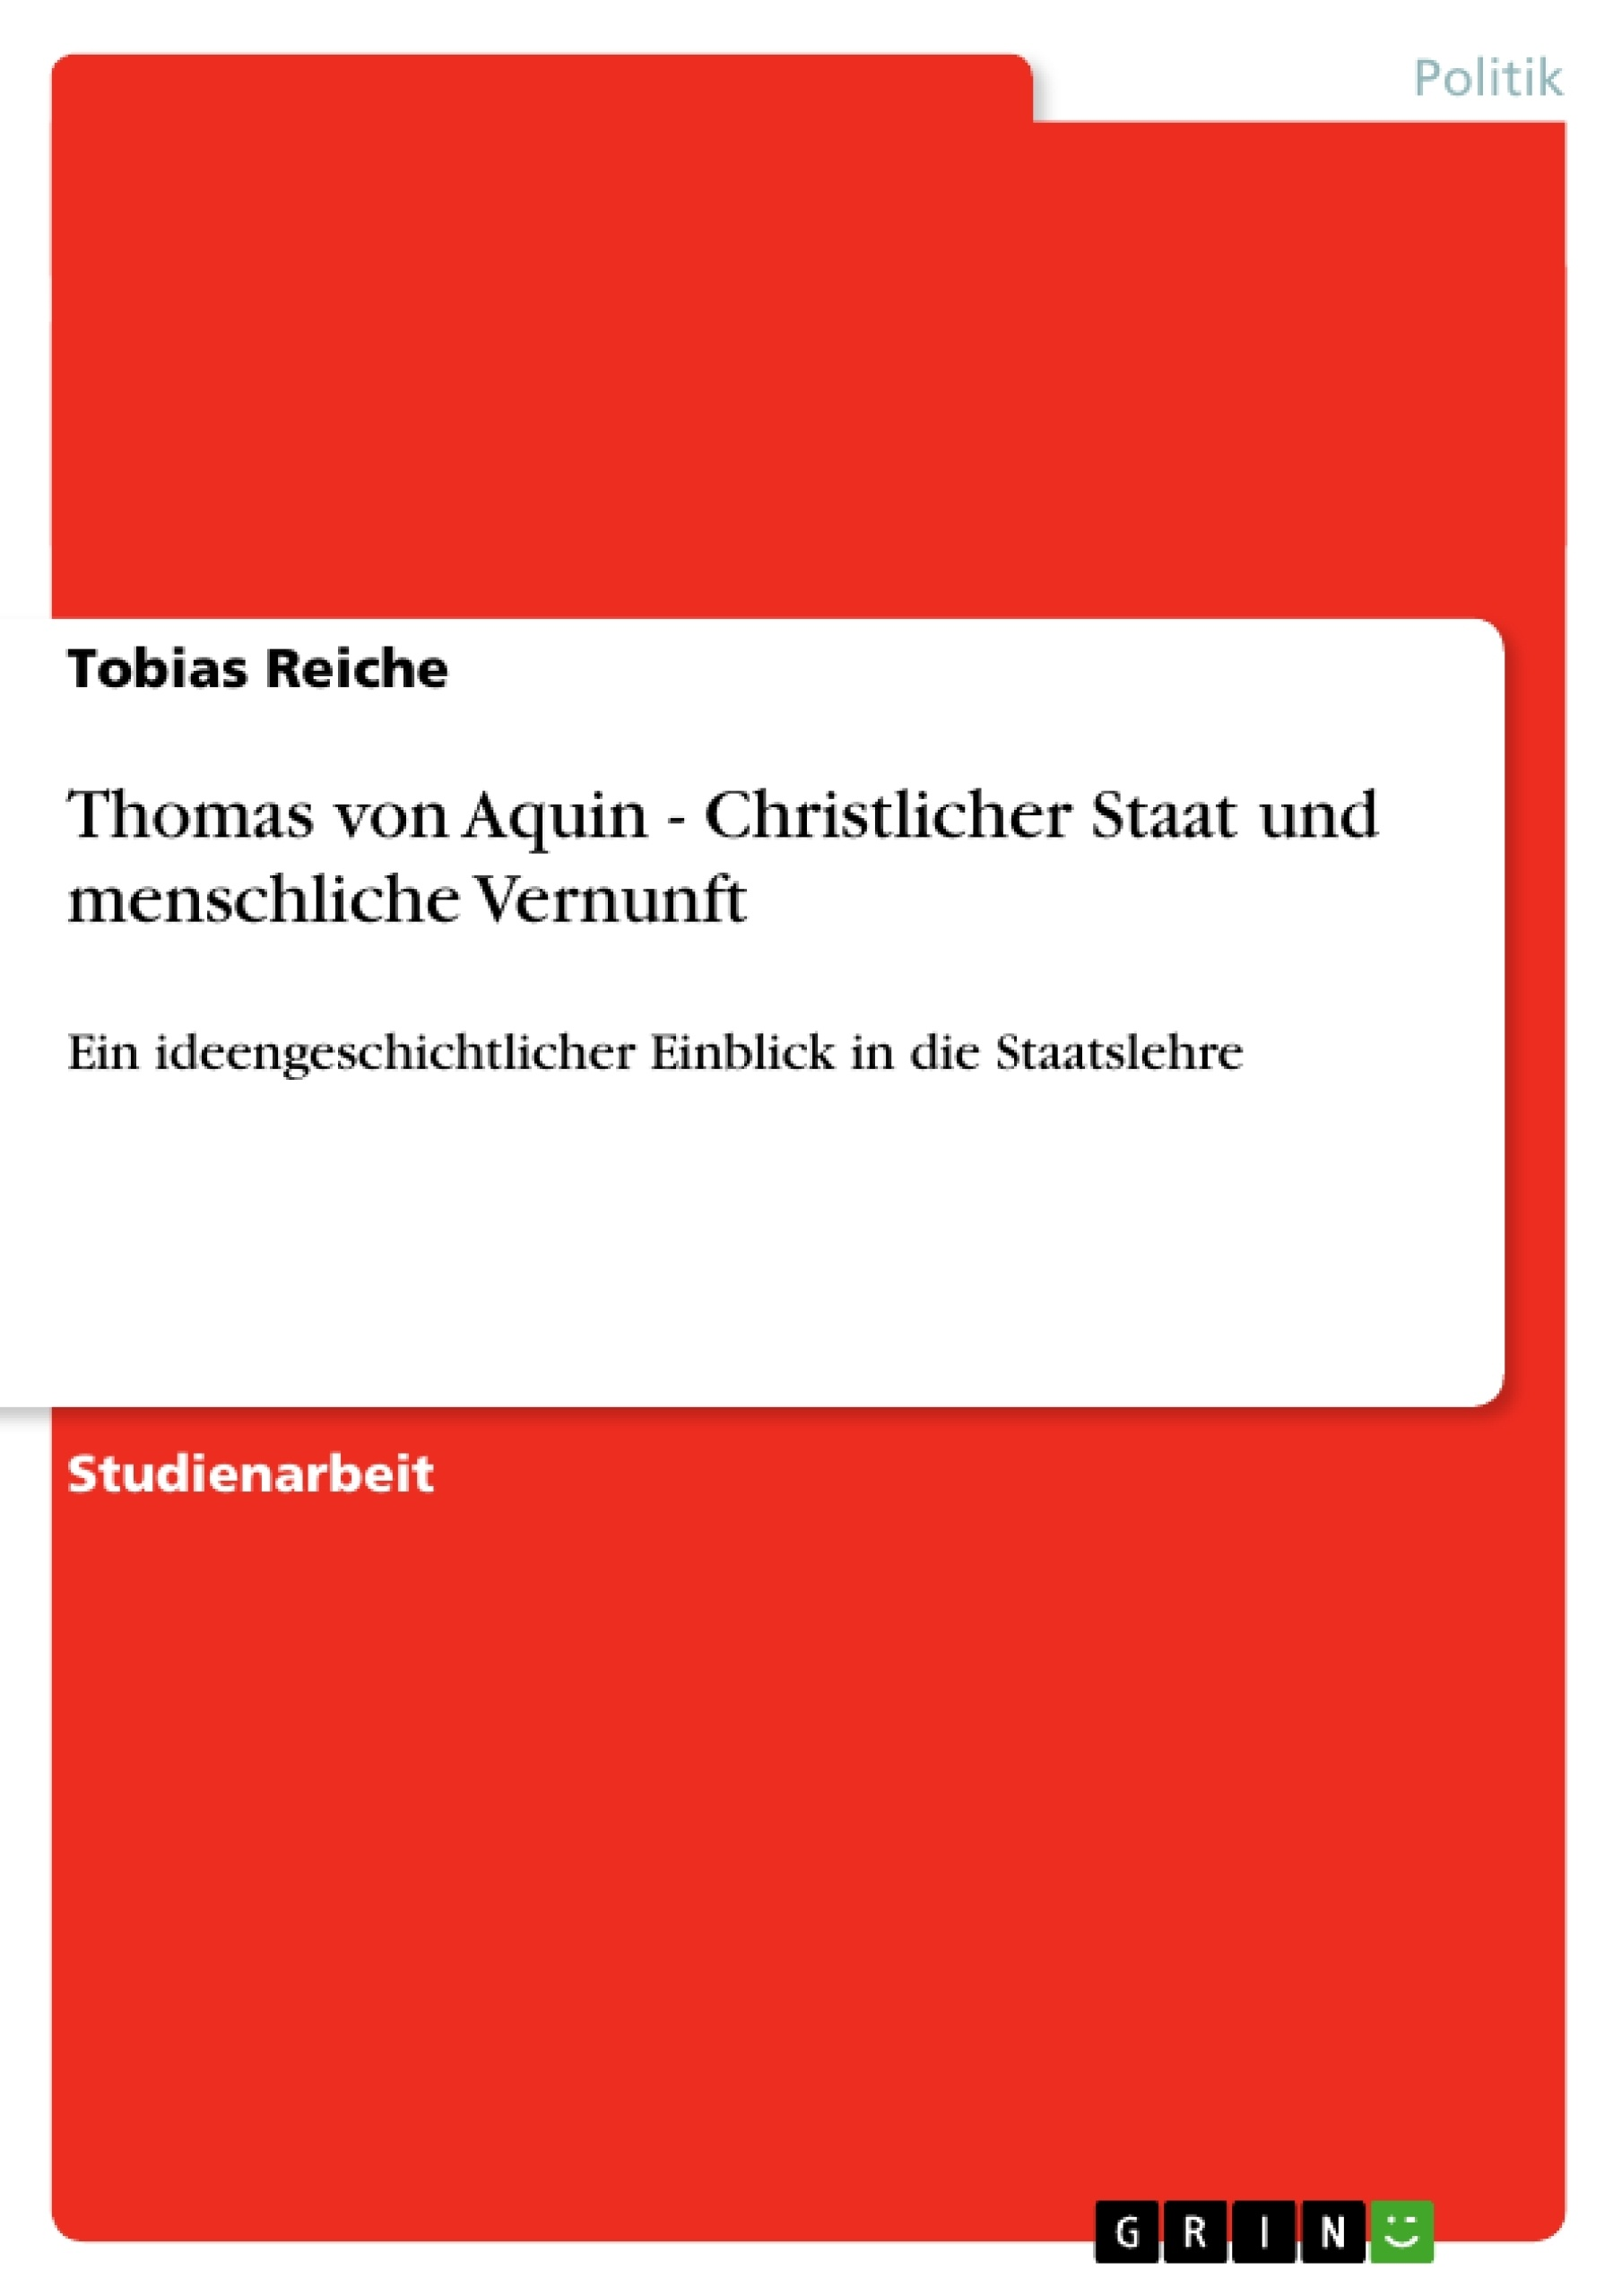 Titel: Thomas von Aquin - Christlicher Staat und menschliche Vernunft